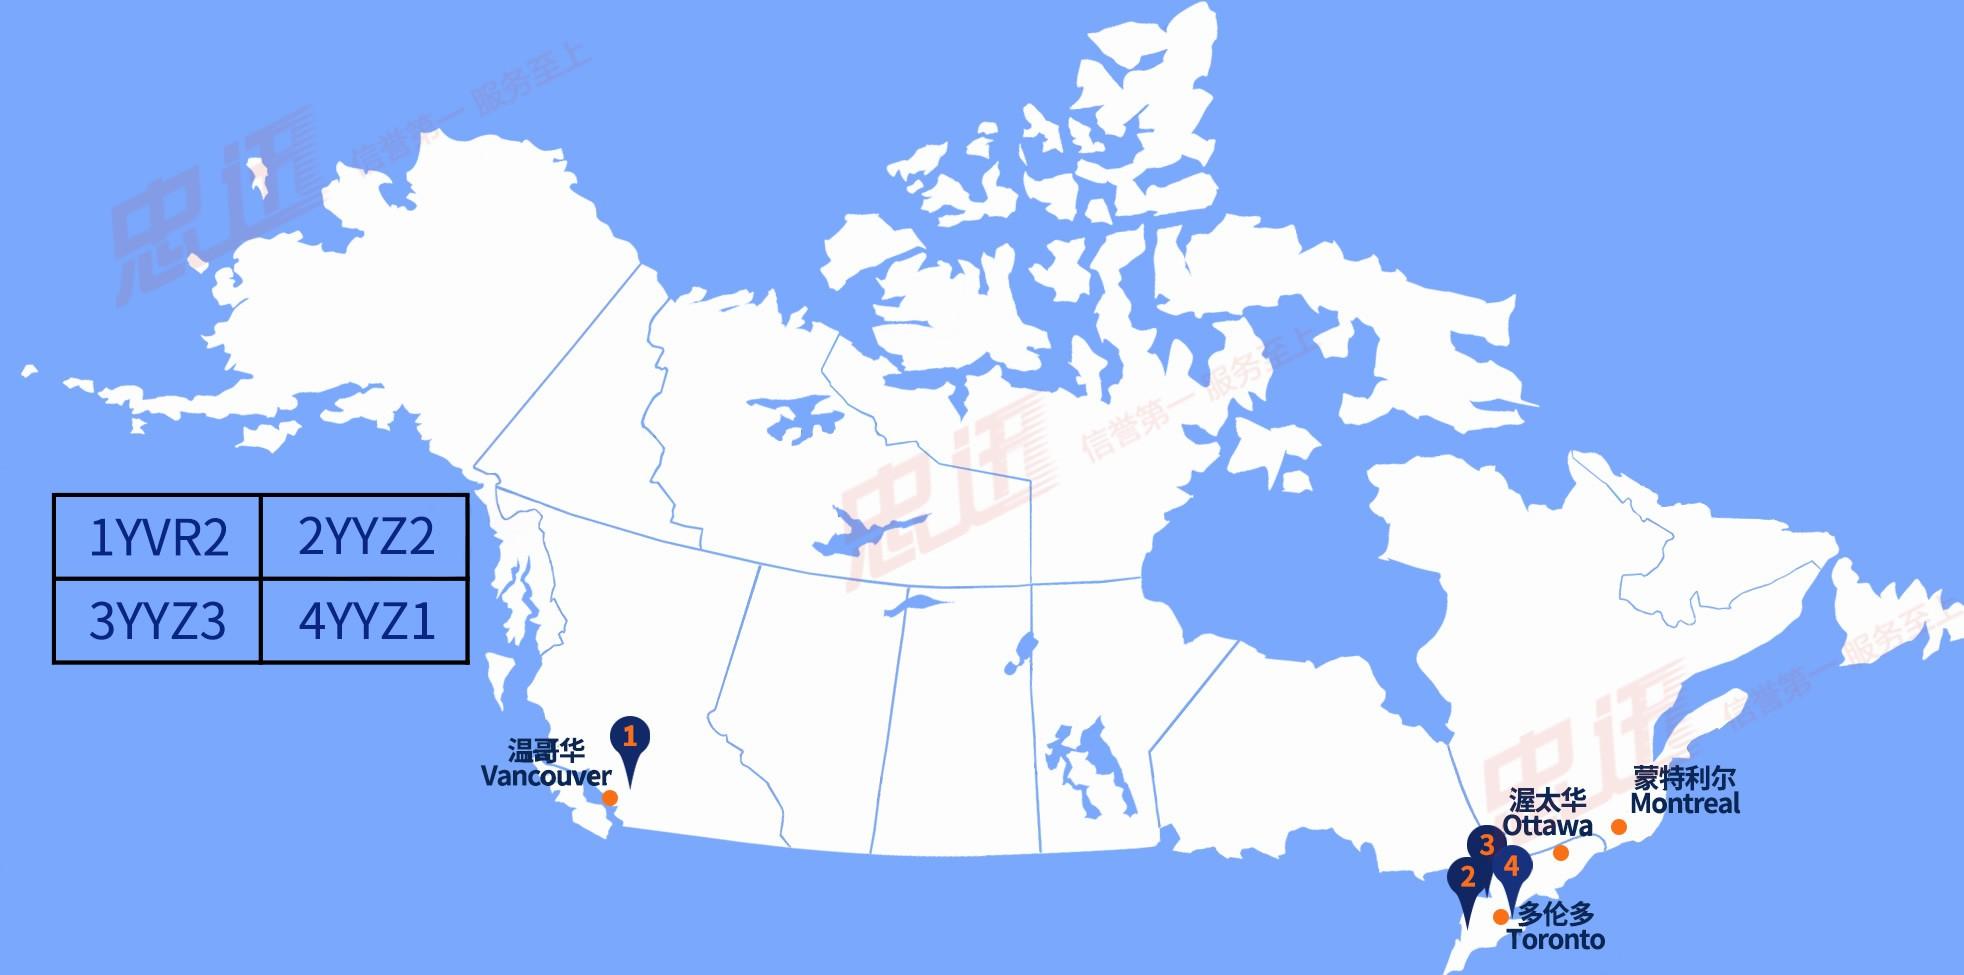 加拿大亚马逊FBA仓库地址详细分布图